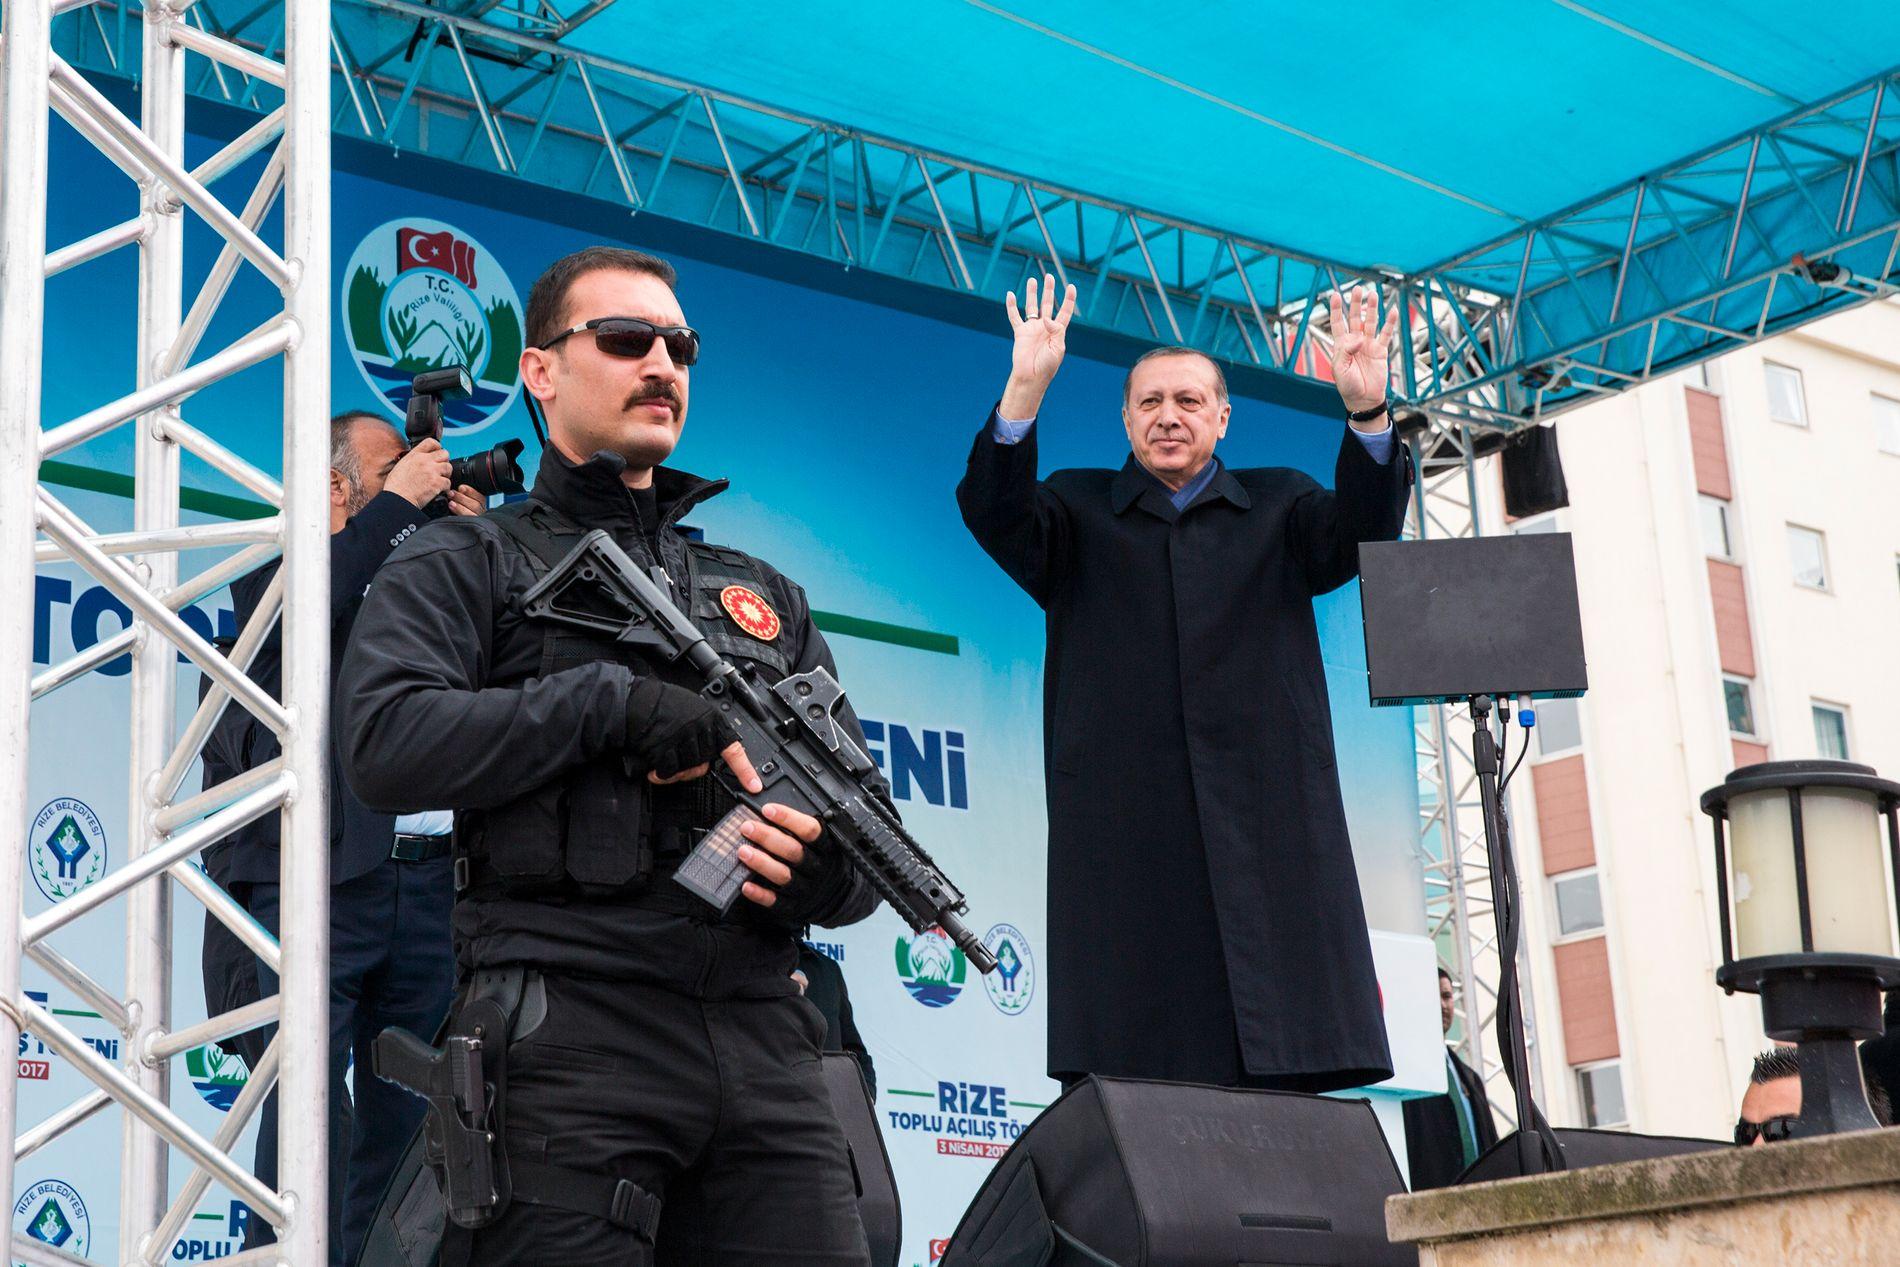 PÅ HJEMMEBANE: På torget i hjembyen Rize samler president Recep Tayyip Erdogan sine tilhengere for å overtale dem til å stemme ja til omstridte grunnlovsendringer som vil gi ham mer makt.